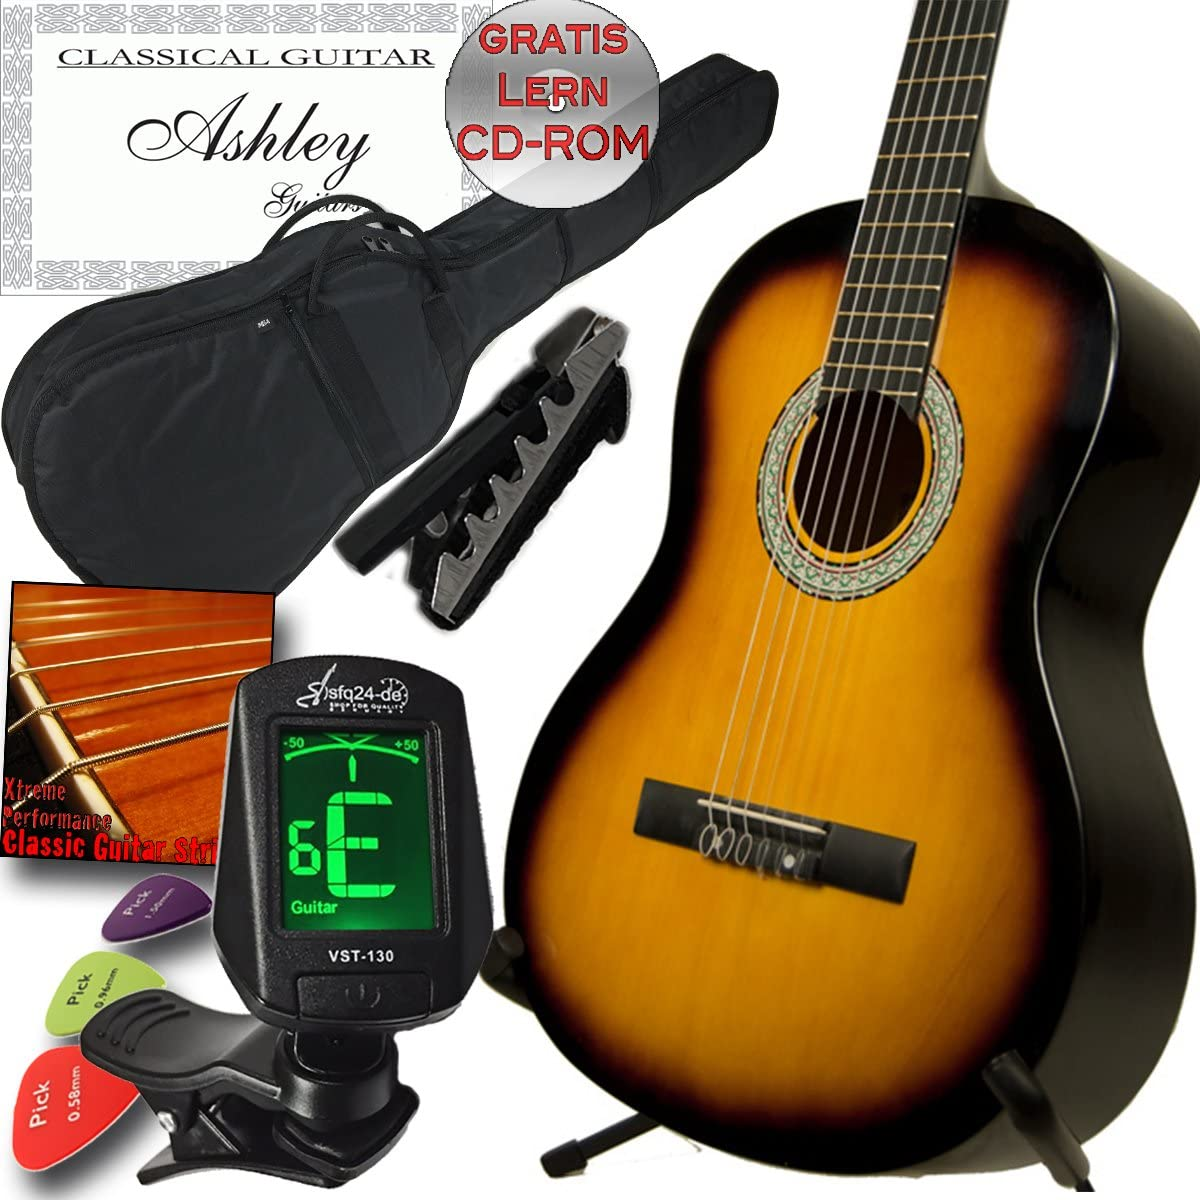 Ashley zurdos clásica Guitarra Sunburst con Juego, funda, afinador ...